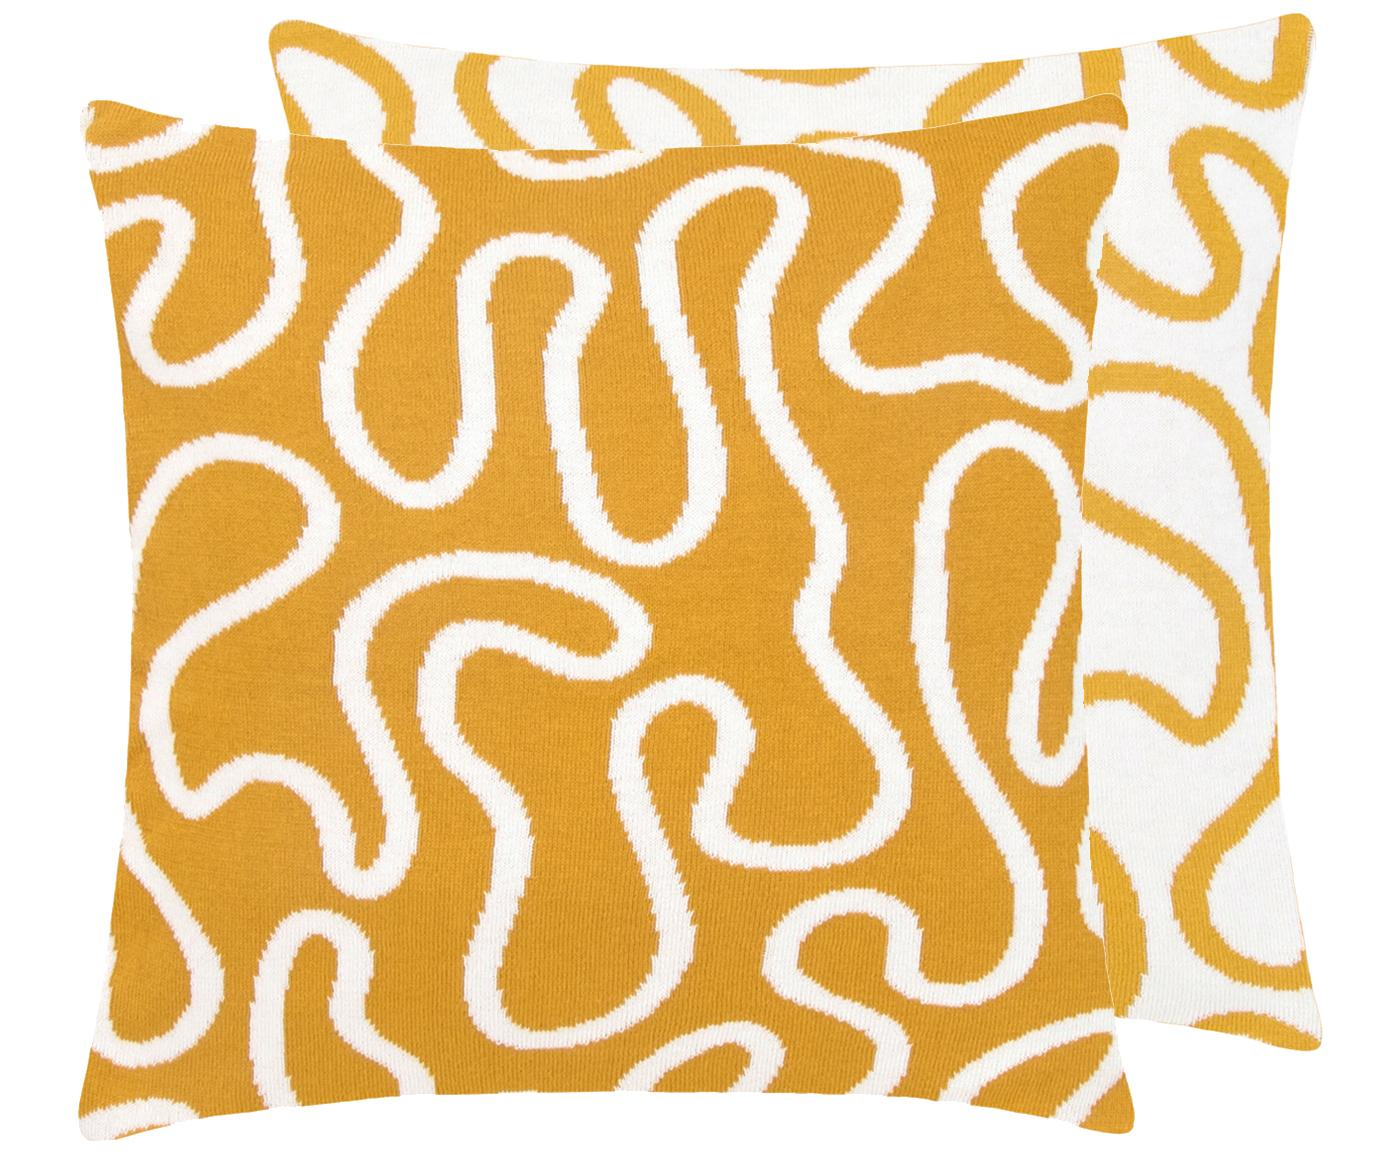 Funda de cojín de punto fino Amina, caras distintas, Algodón, Amarillo, blanco, An 40 x L 40 cm